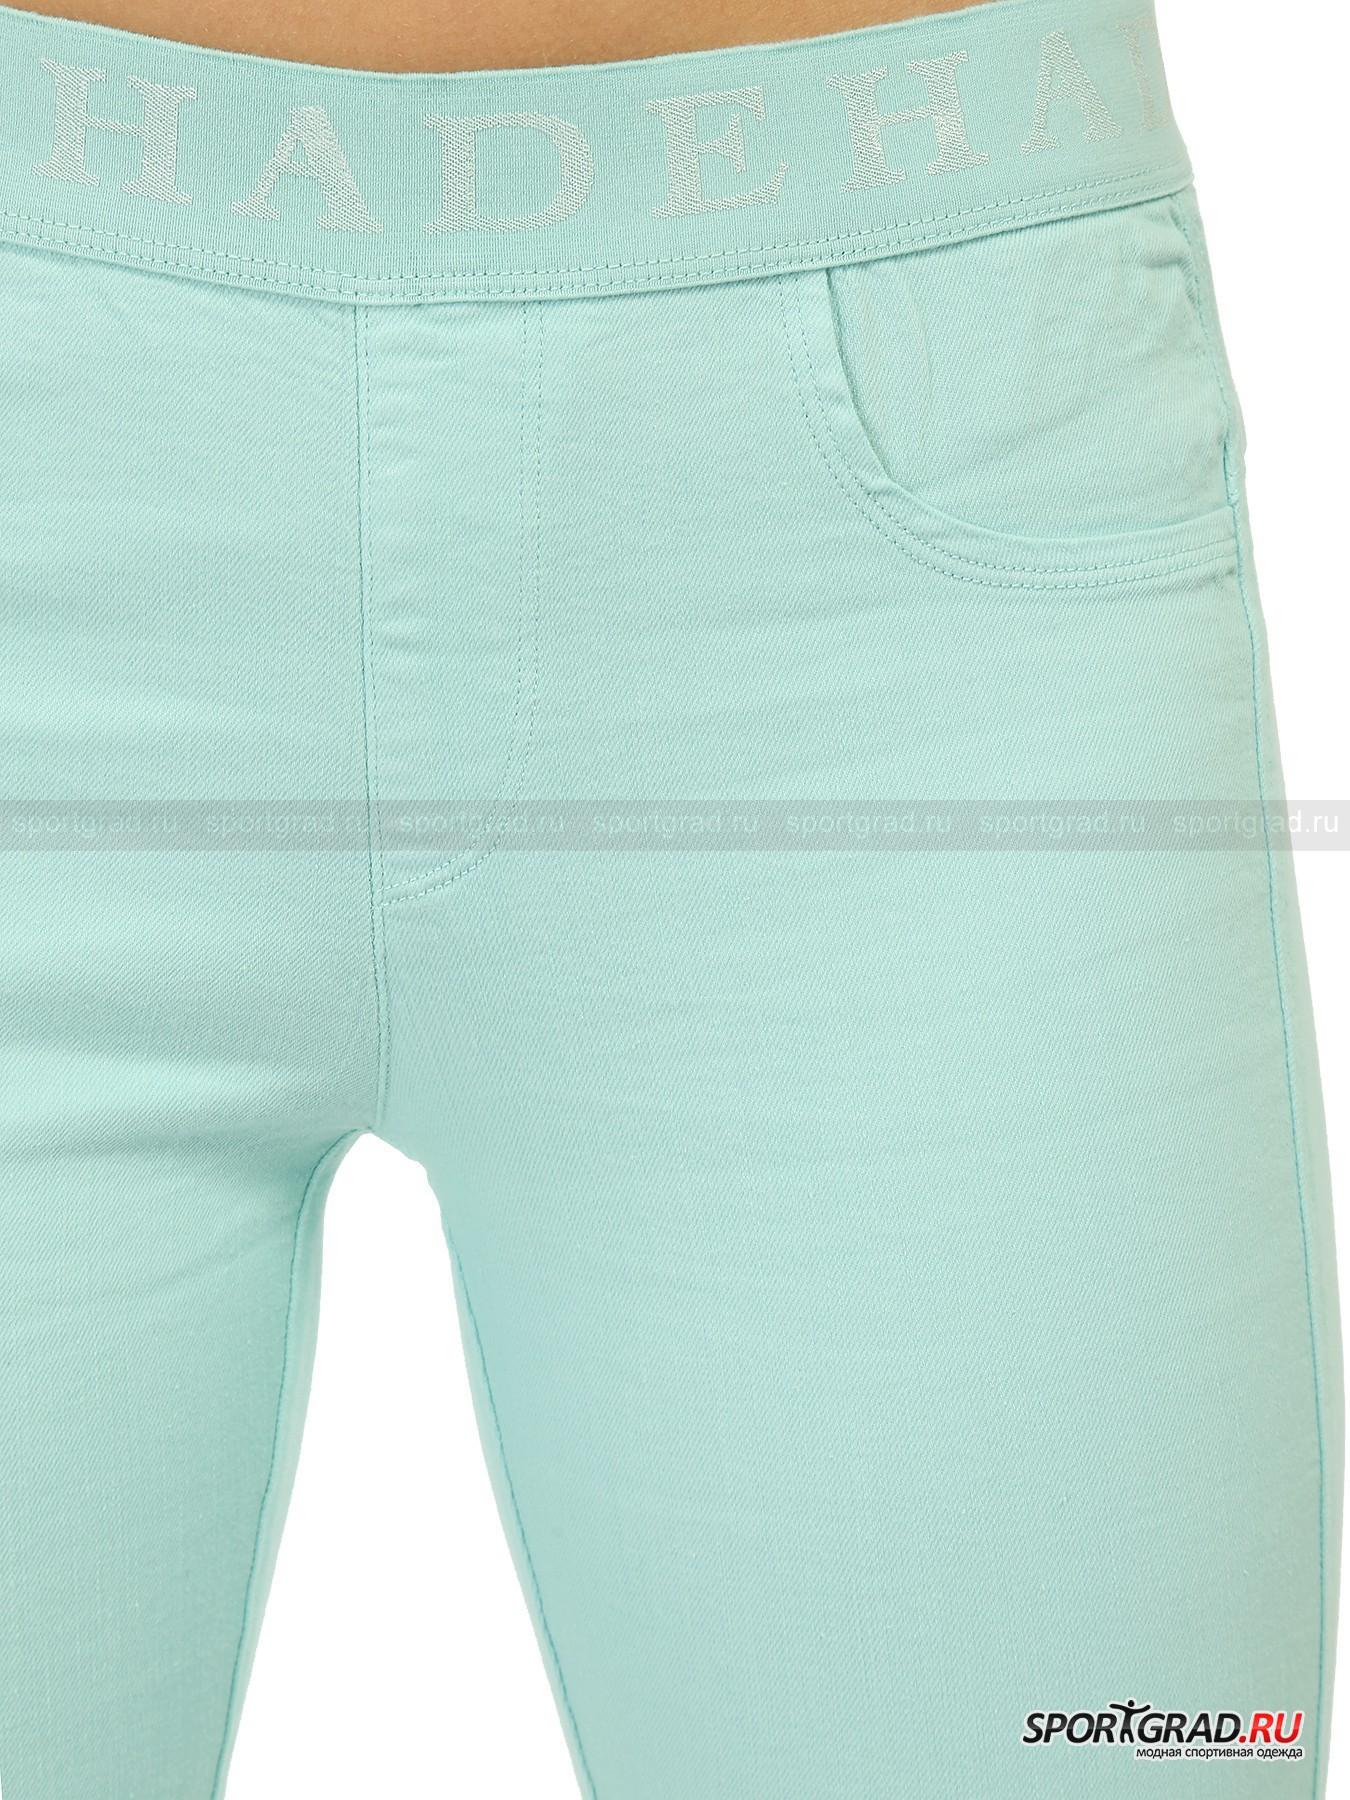 Брюки-леггинсы из джинсовой ткани Denim Pants DEHA от Спортград